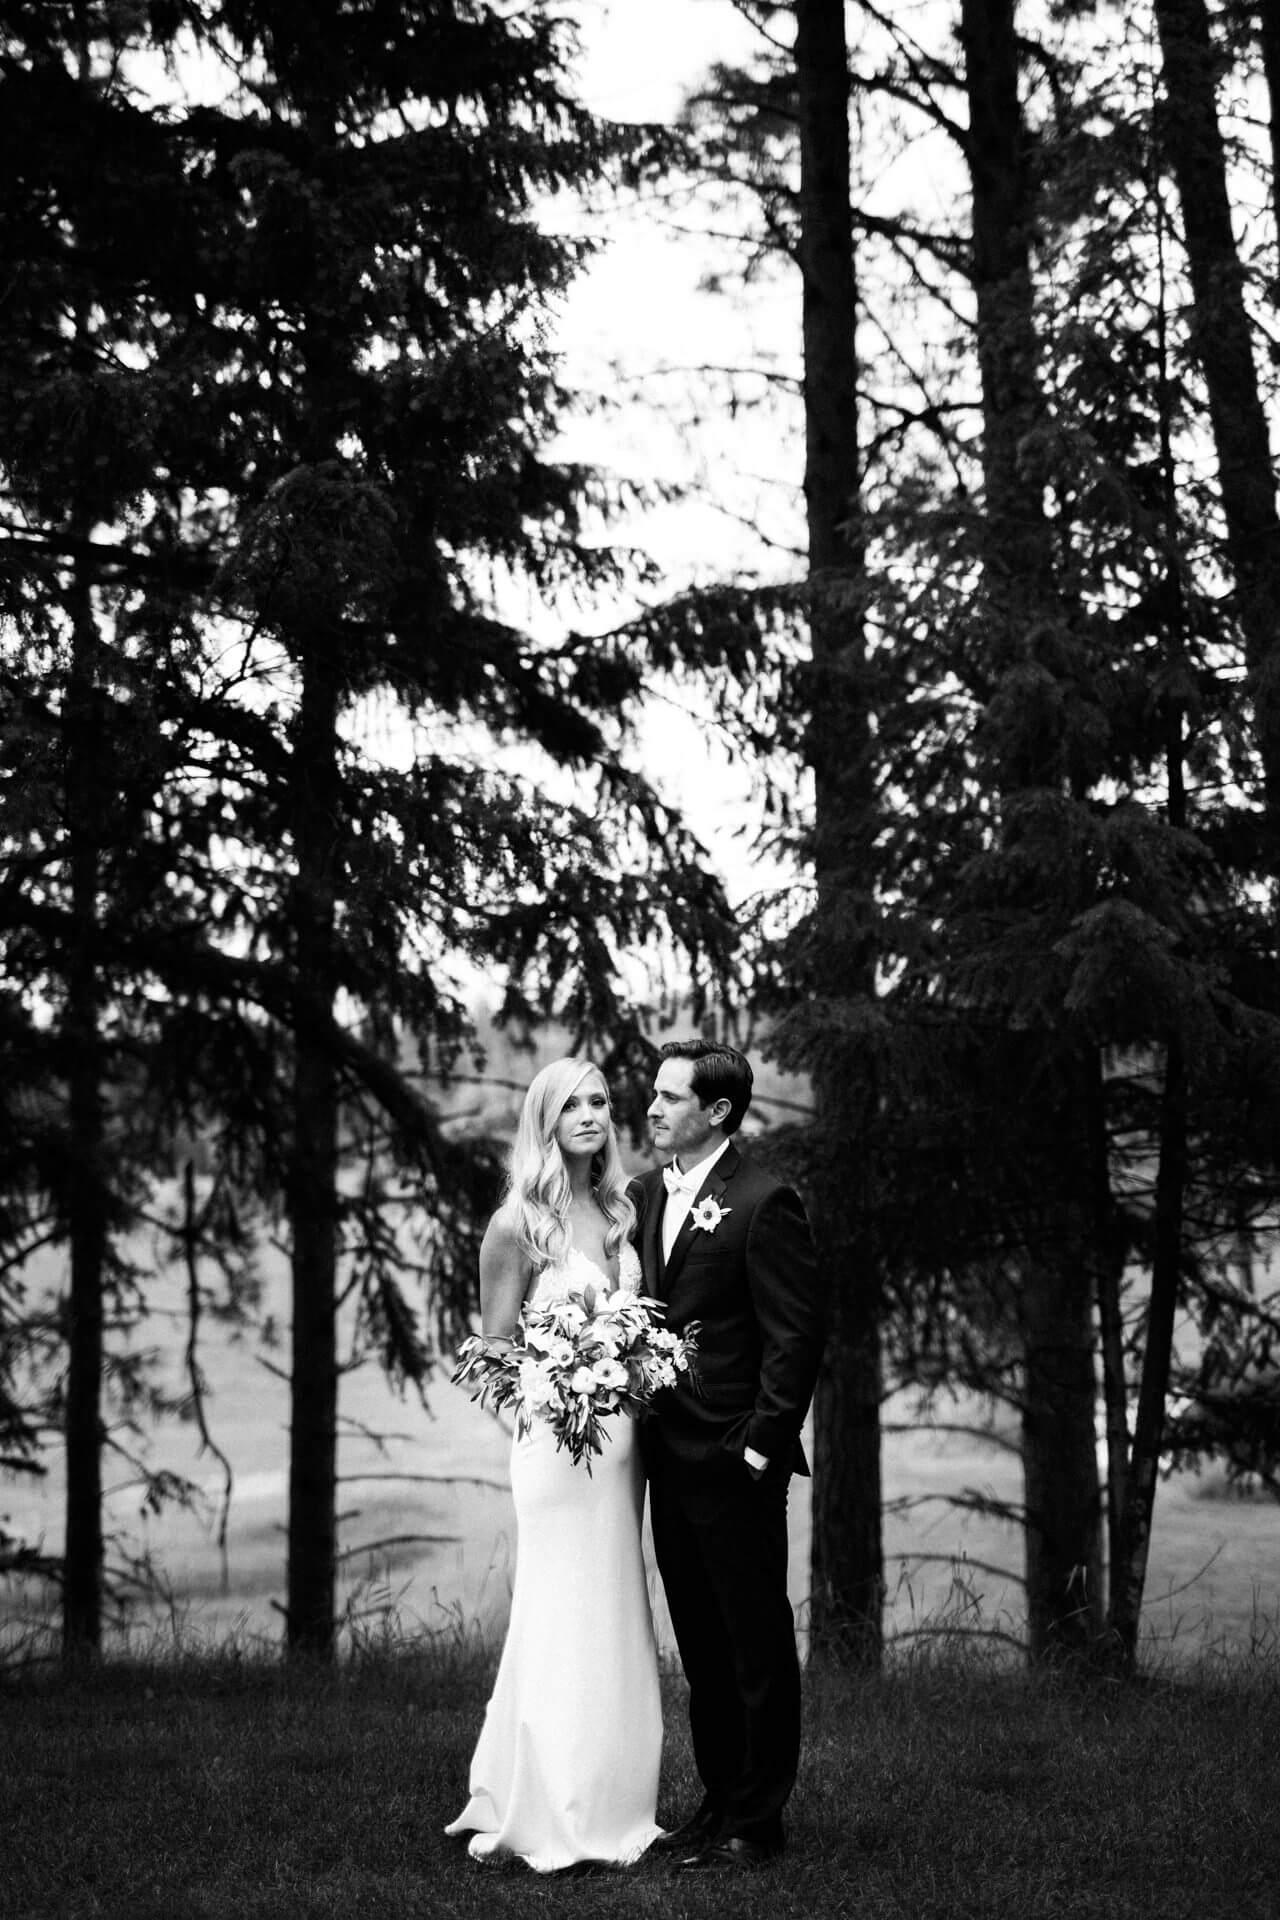 Missoula Wedding Photographers | Cluney Photography